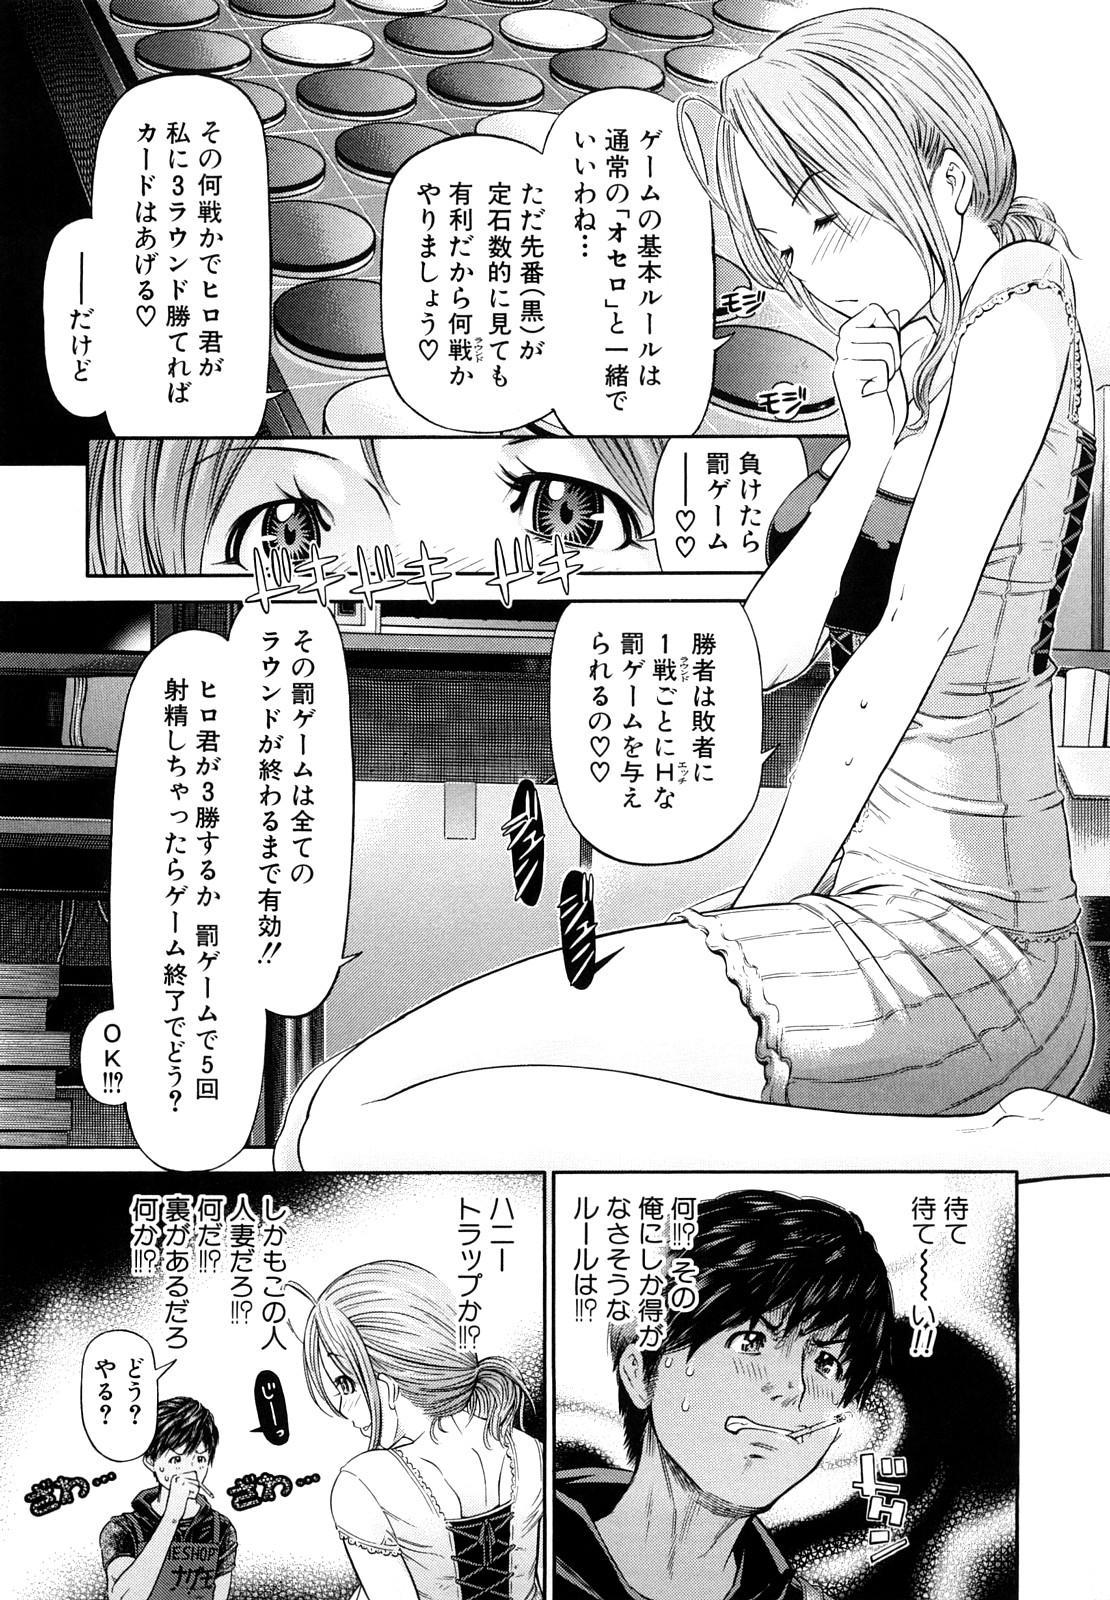 Chijyotachi no Kirifuda 11